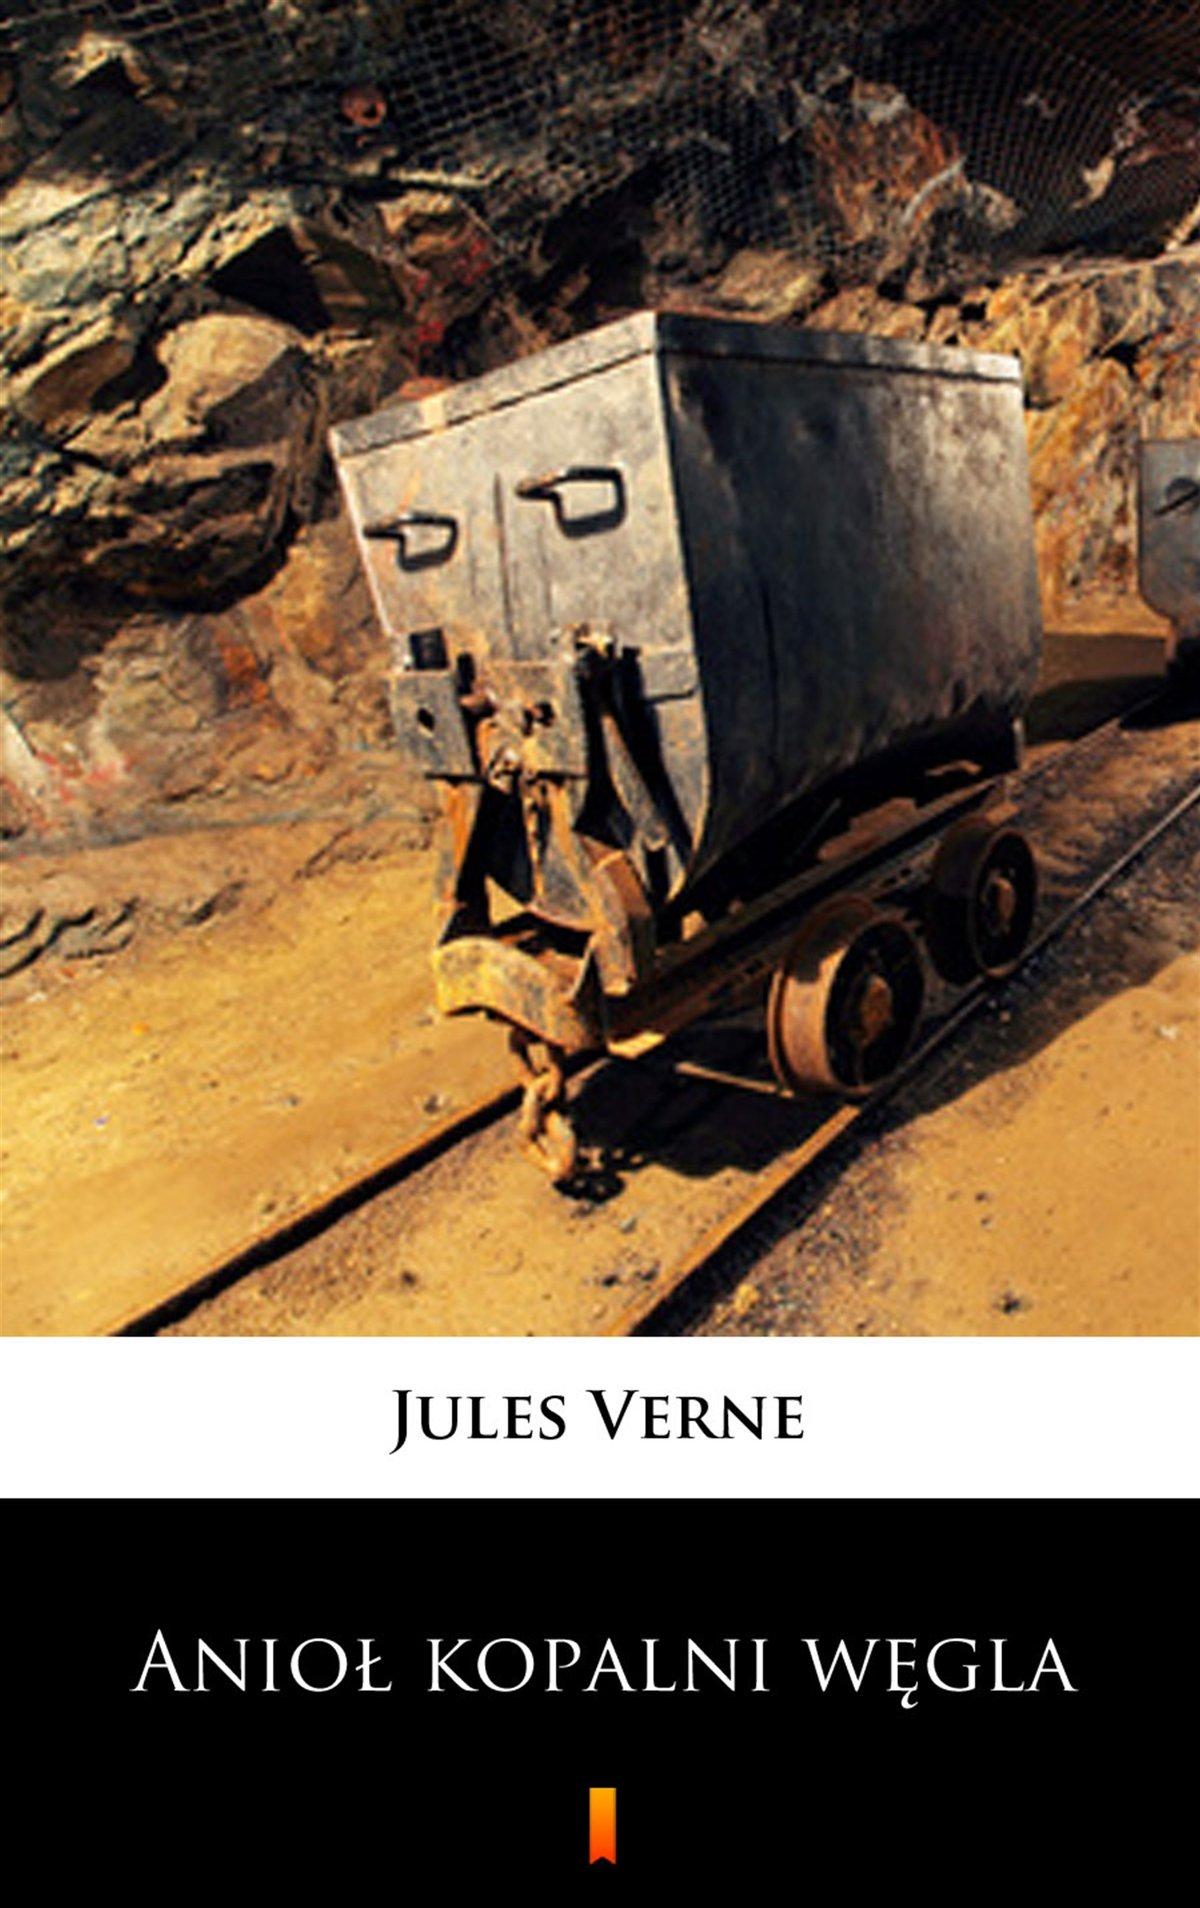 Anioł kopalni węgla - Ebook (Książka EPUB) do pobrania w formacie EPUB